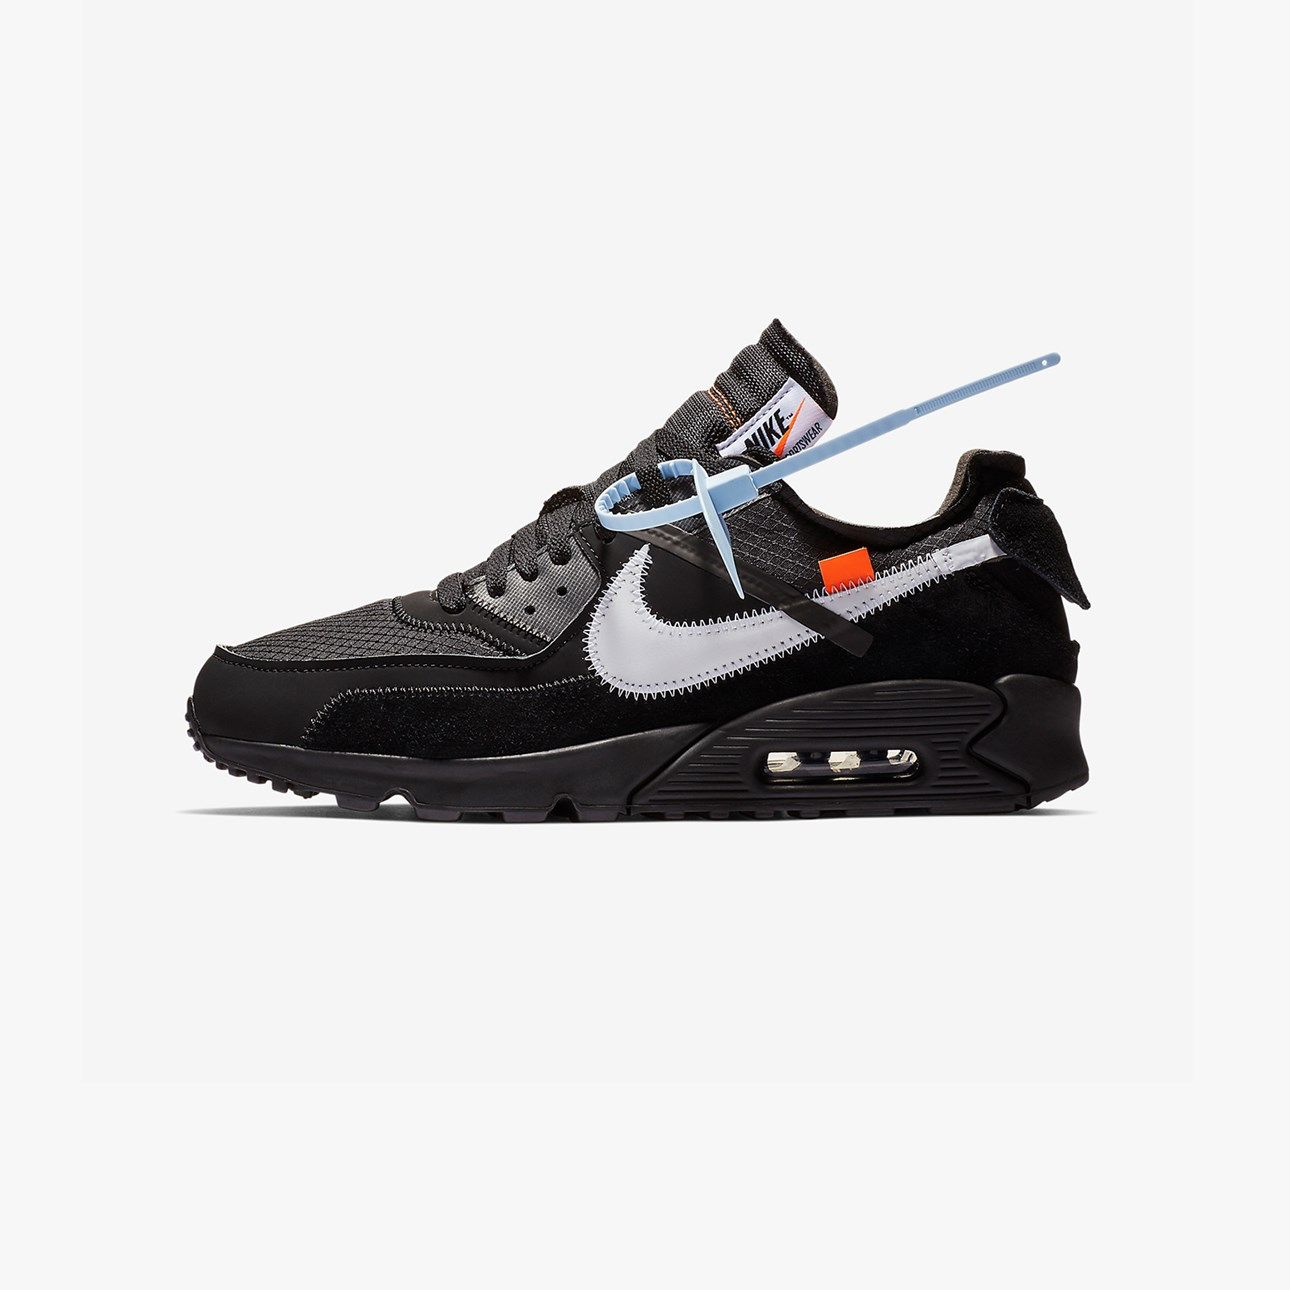 Sneakers, Nike air max 90, Nike air max